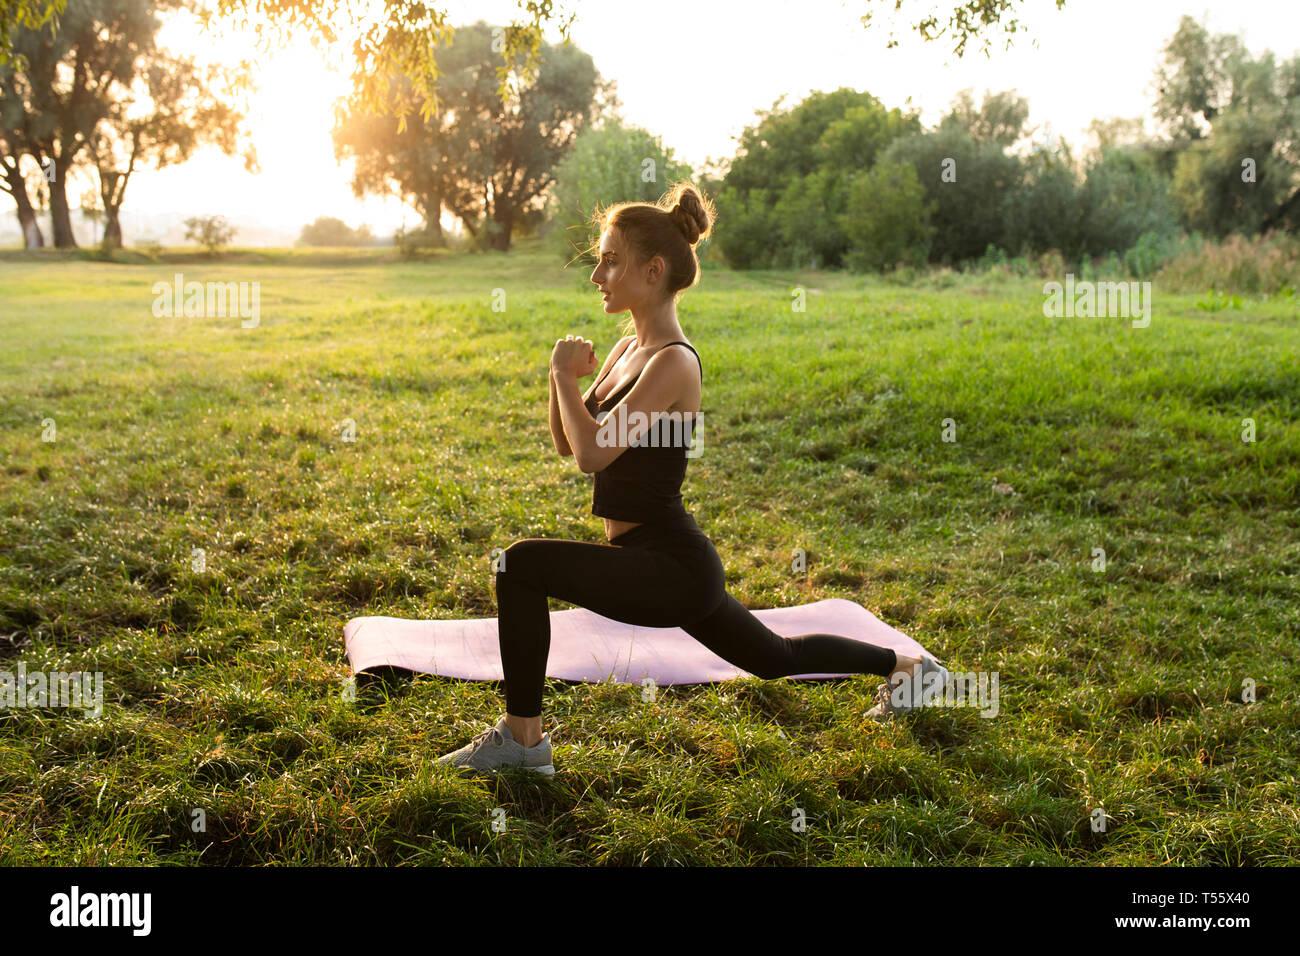 Mujer joven practicando yoga en el parque Foto de stock